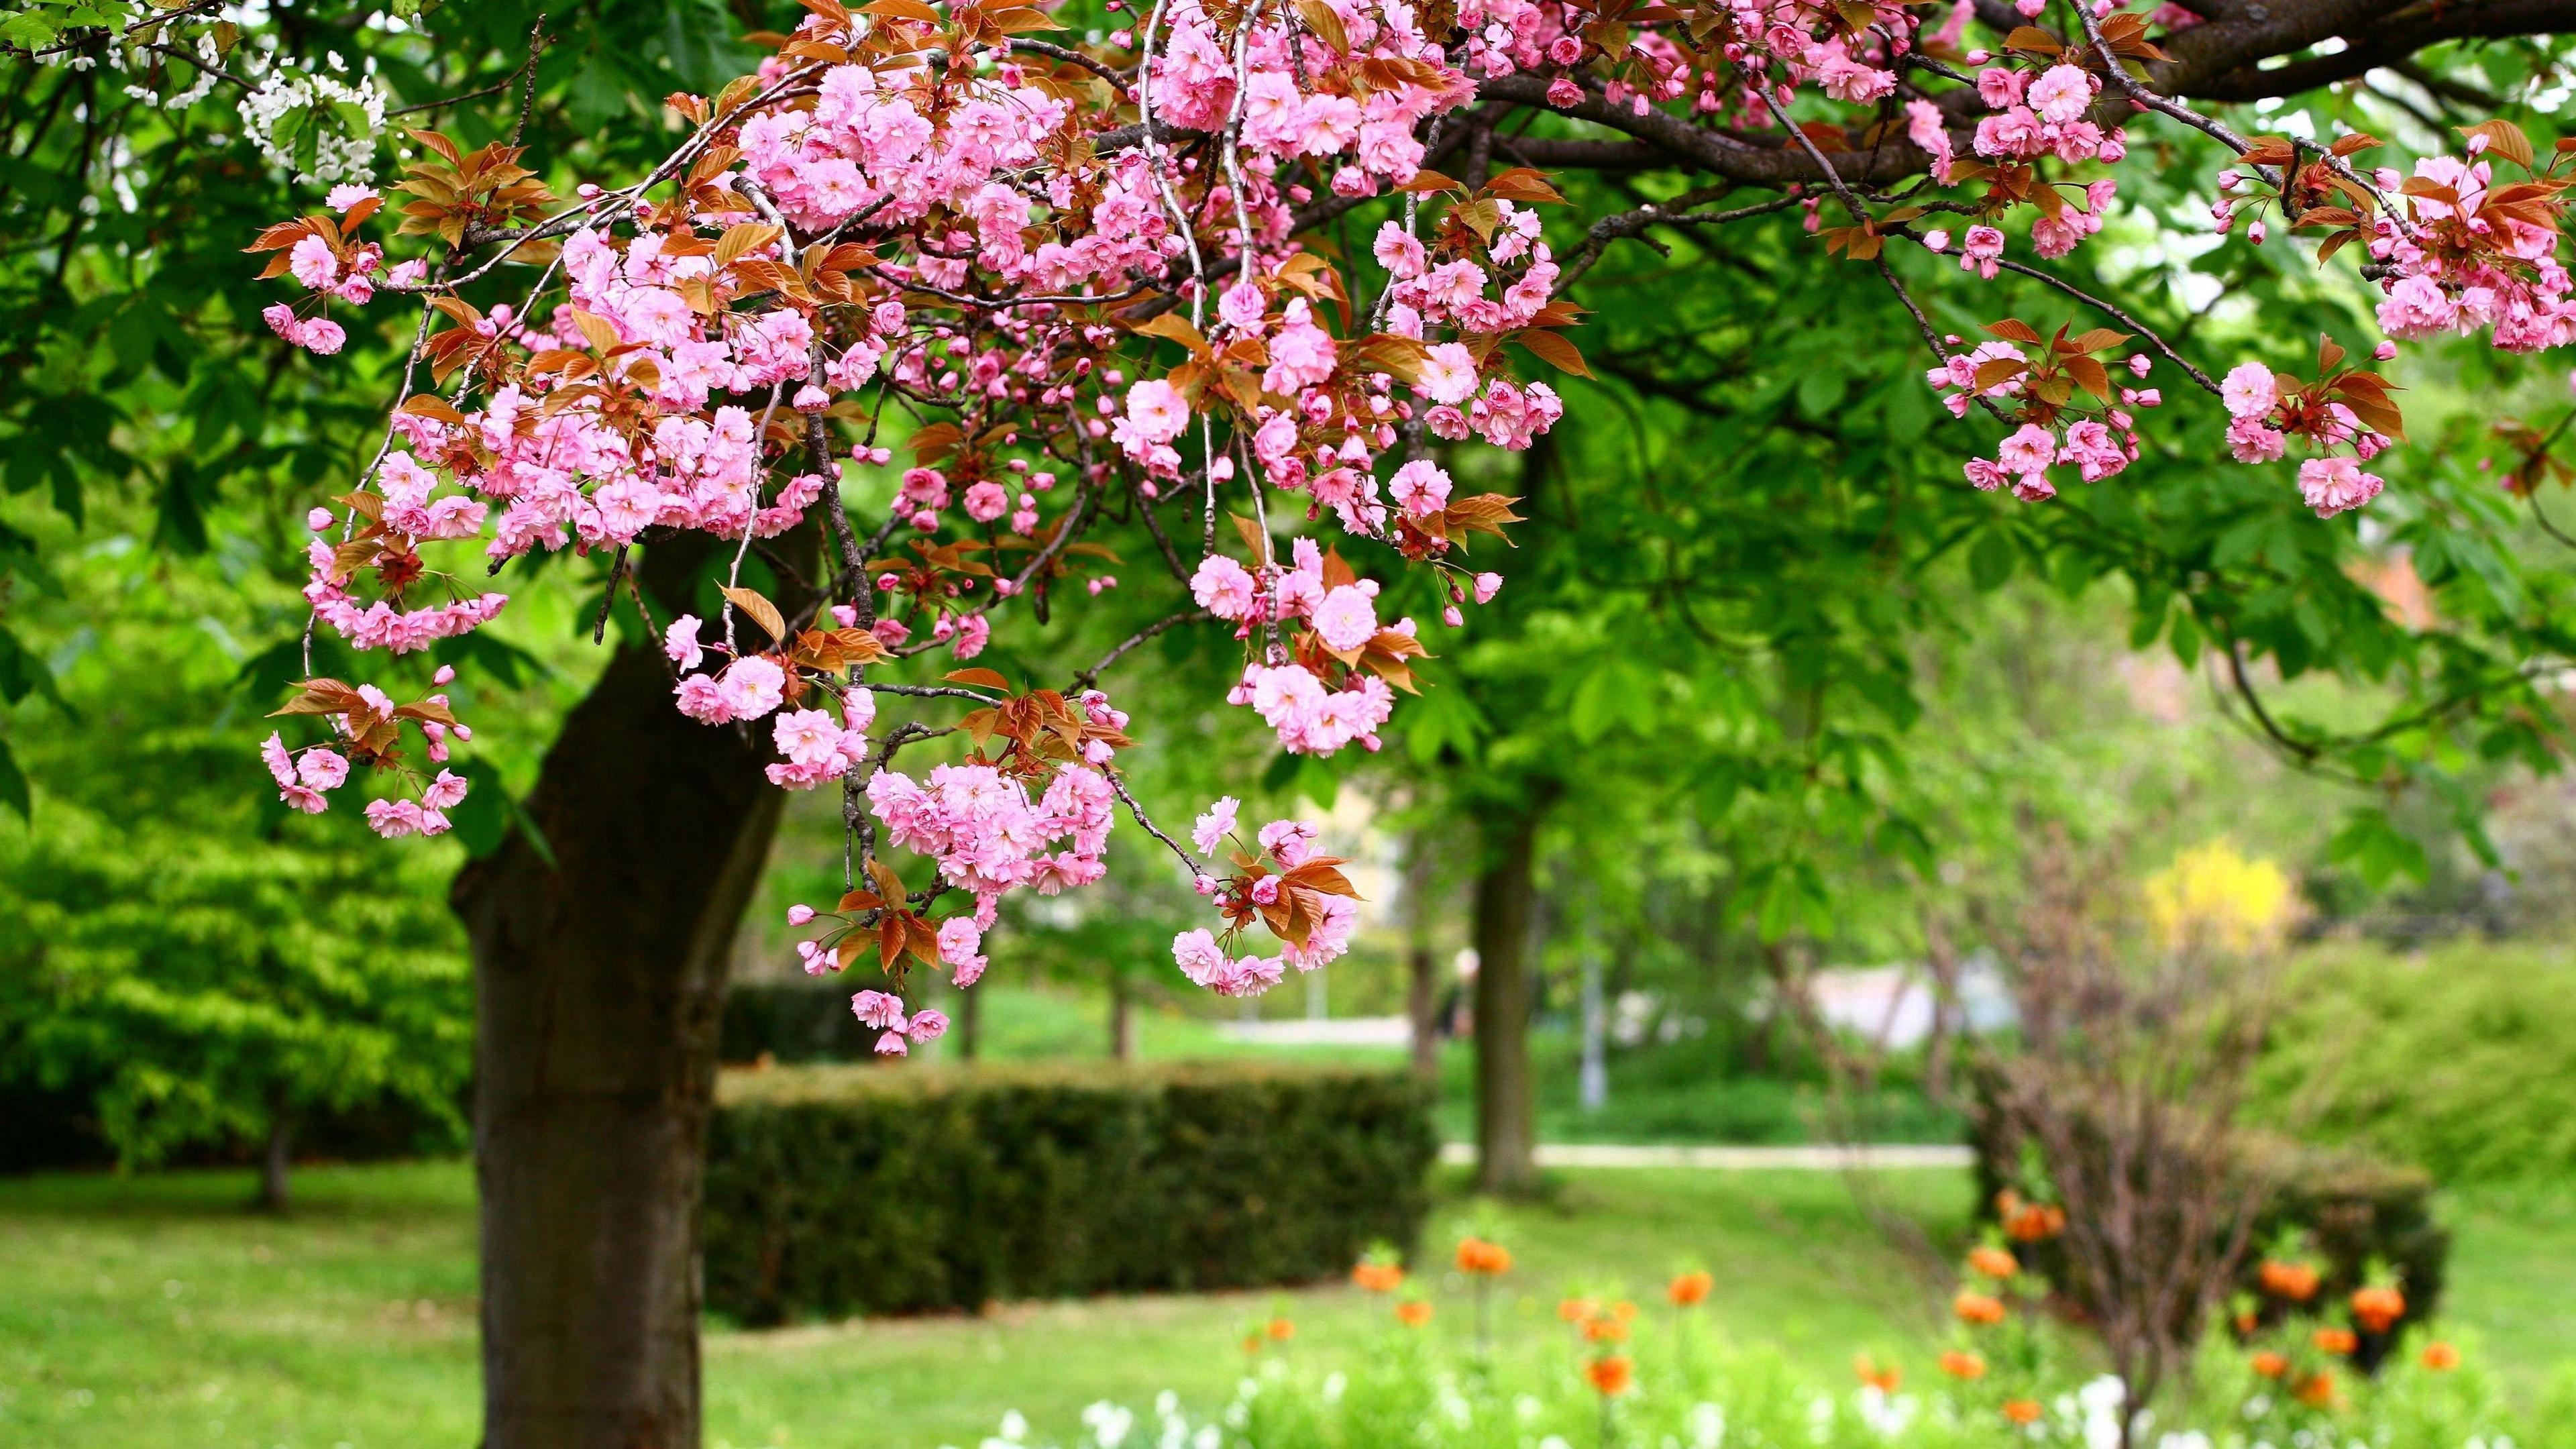 sakura bloom spring garden sharpness 4k 1540065057 - sakura, bloom, spring, garden, sharpness 4k - Spring, Sakura, Bloom